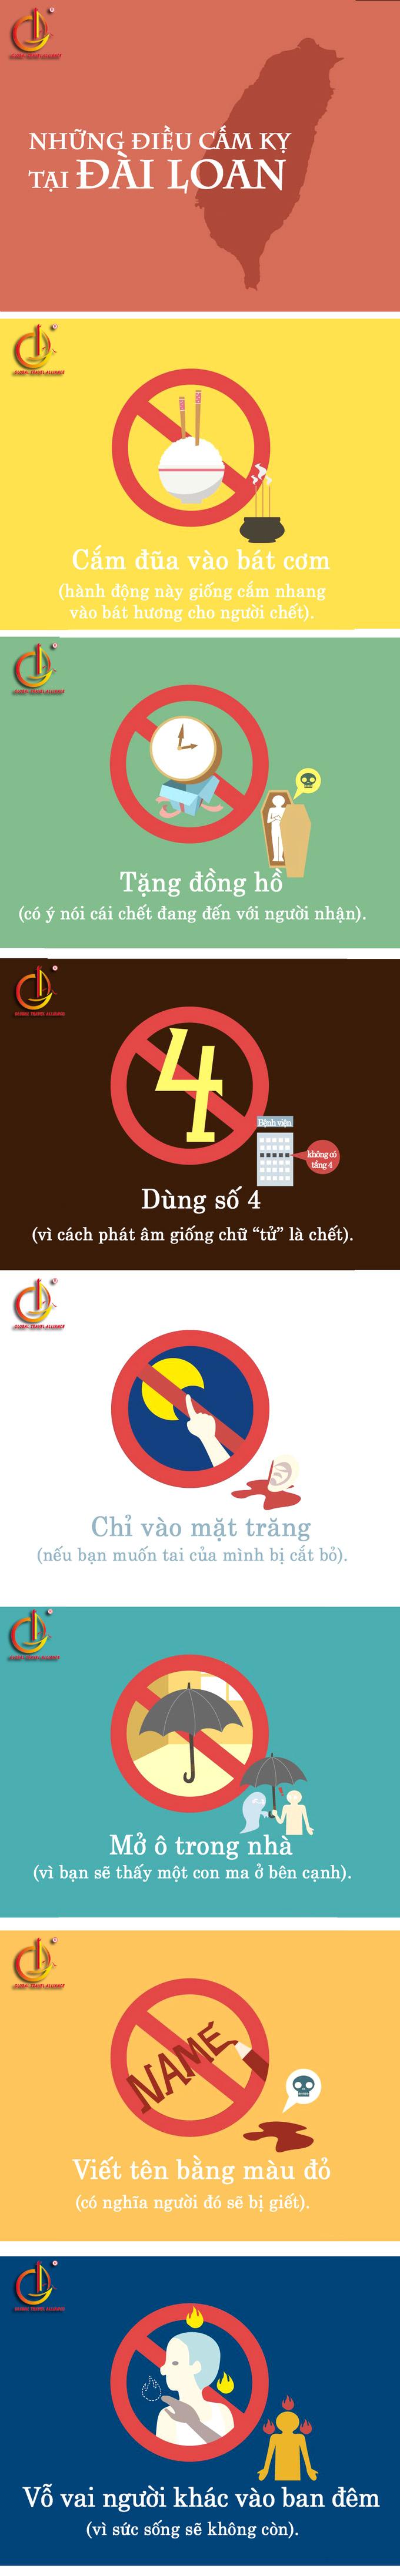 điều cấm kỵ nên biết khi đi du lịch Đài Loan